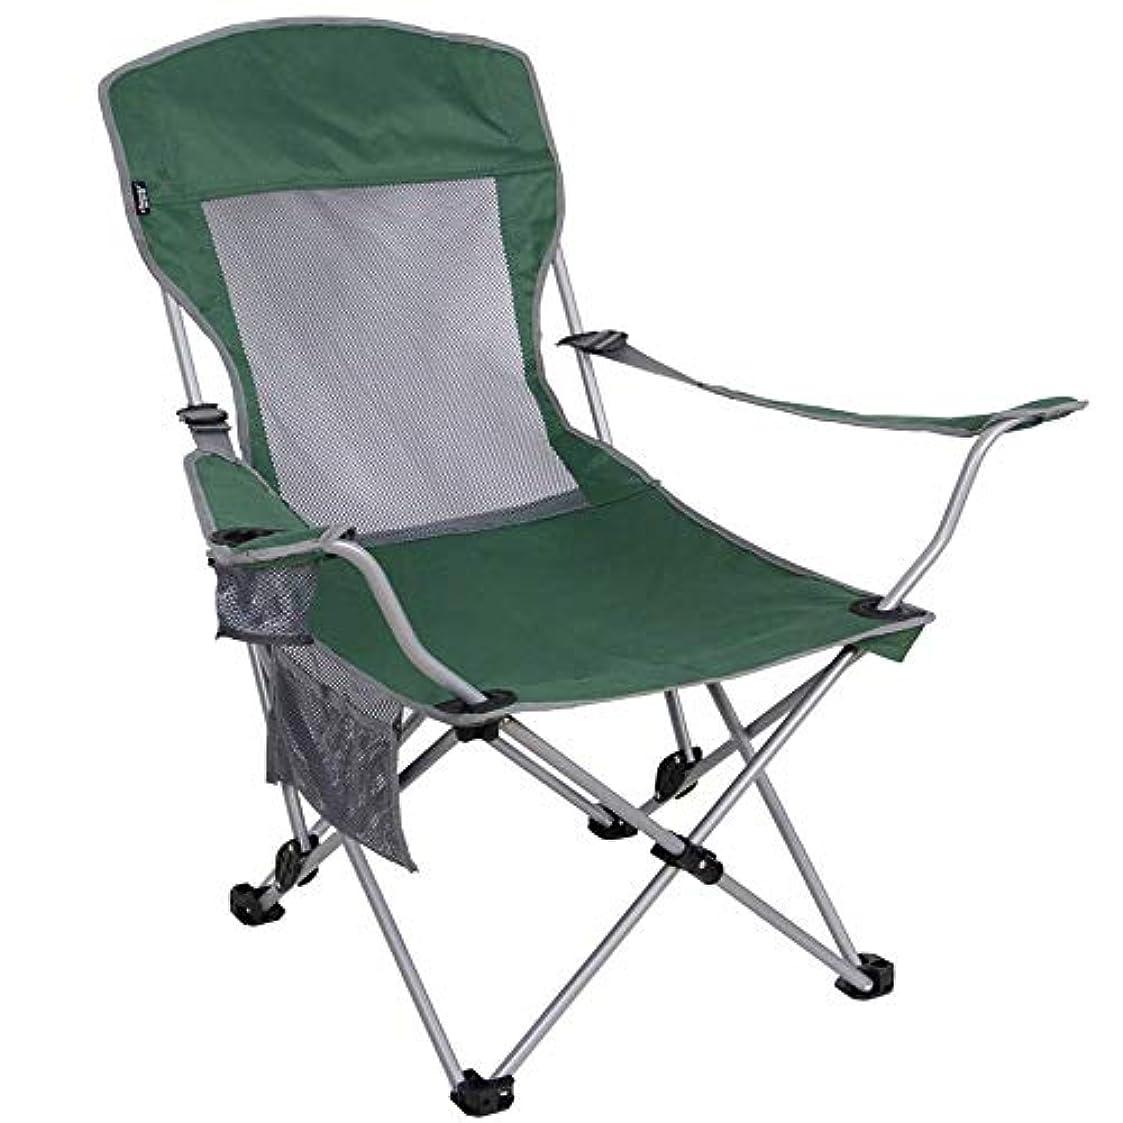 スペイン理容師凝縮する多機能屋外折りたたみ椅子/スツール肘掛け付き調節可能背もたれ軽量ポータブルキャンプピクニック旅行釣り登山バーベキュー屋外2色オプション (色 : 緑)